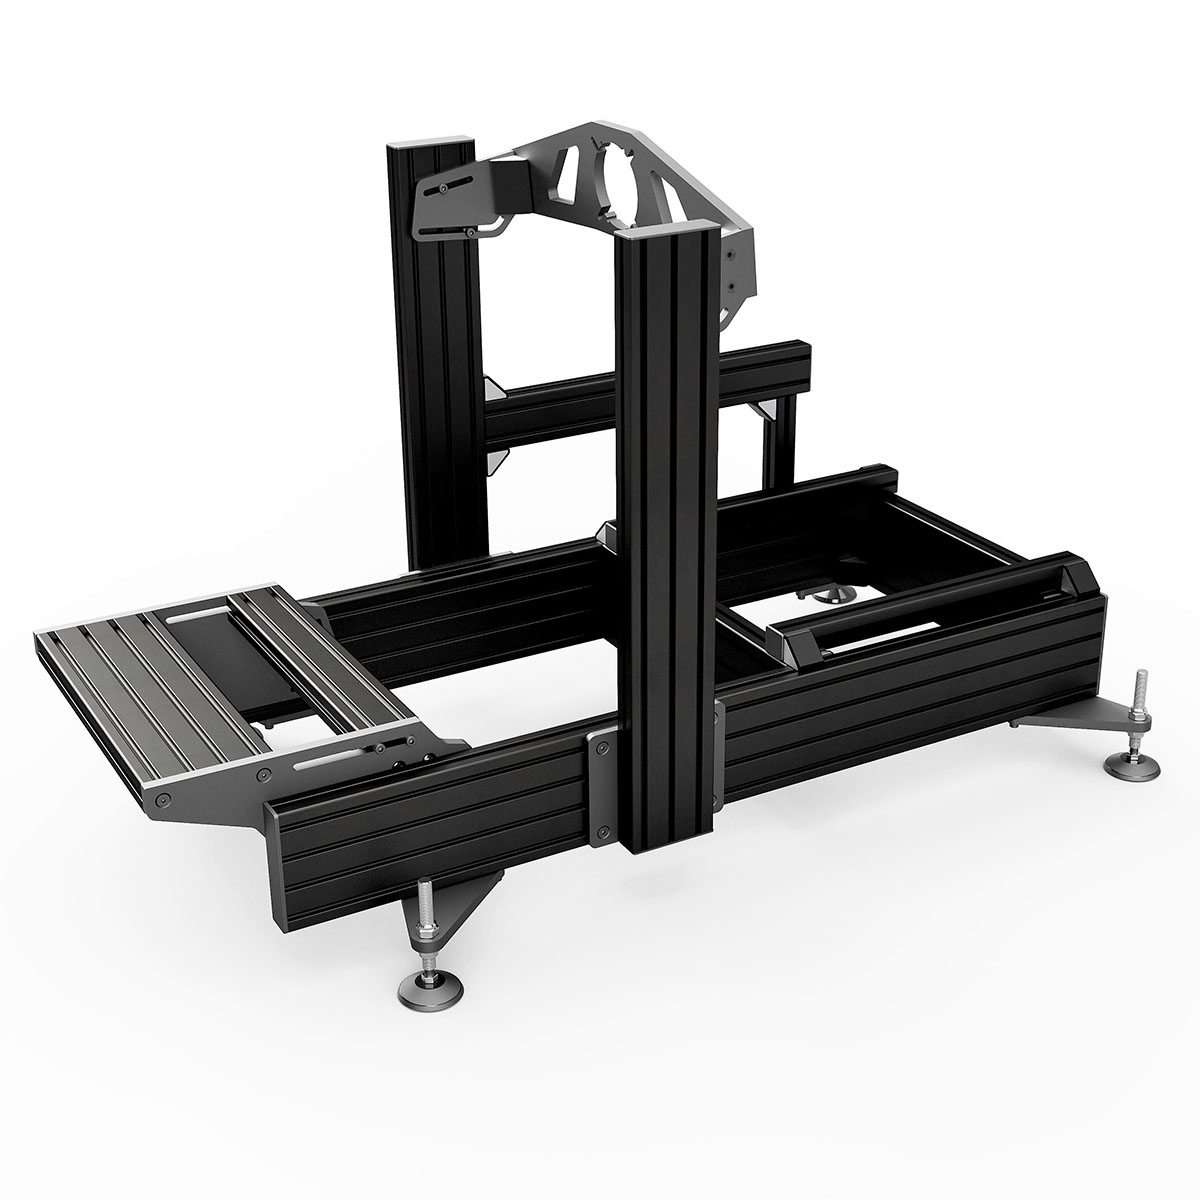 shop.gperformance.eu - Sim-Lab P1-X - front mount black - G-Performance